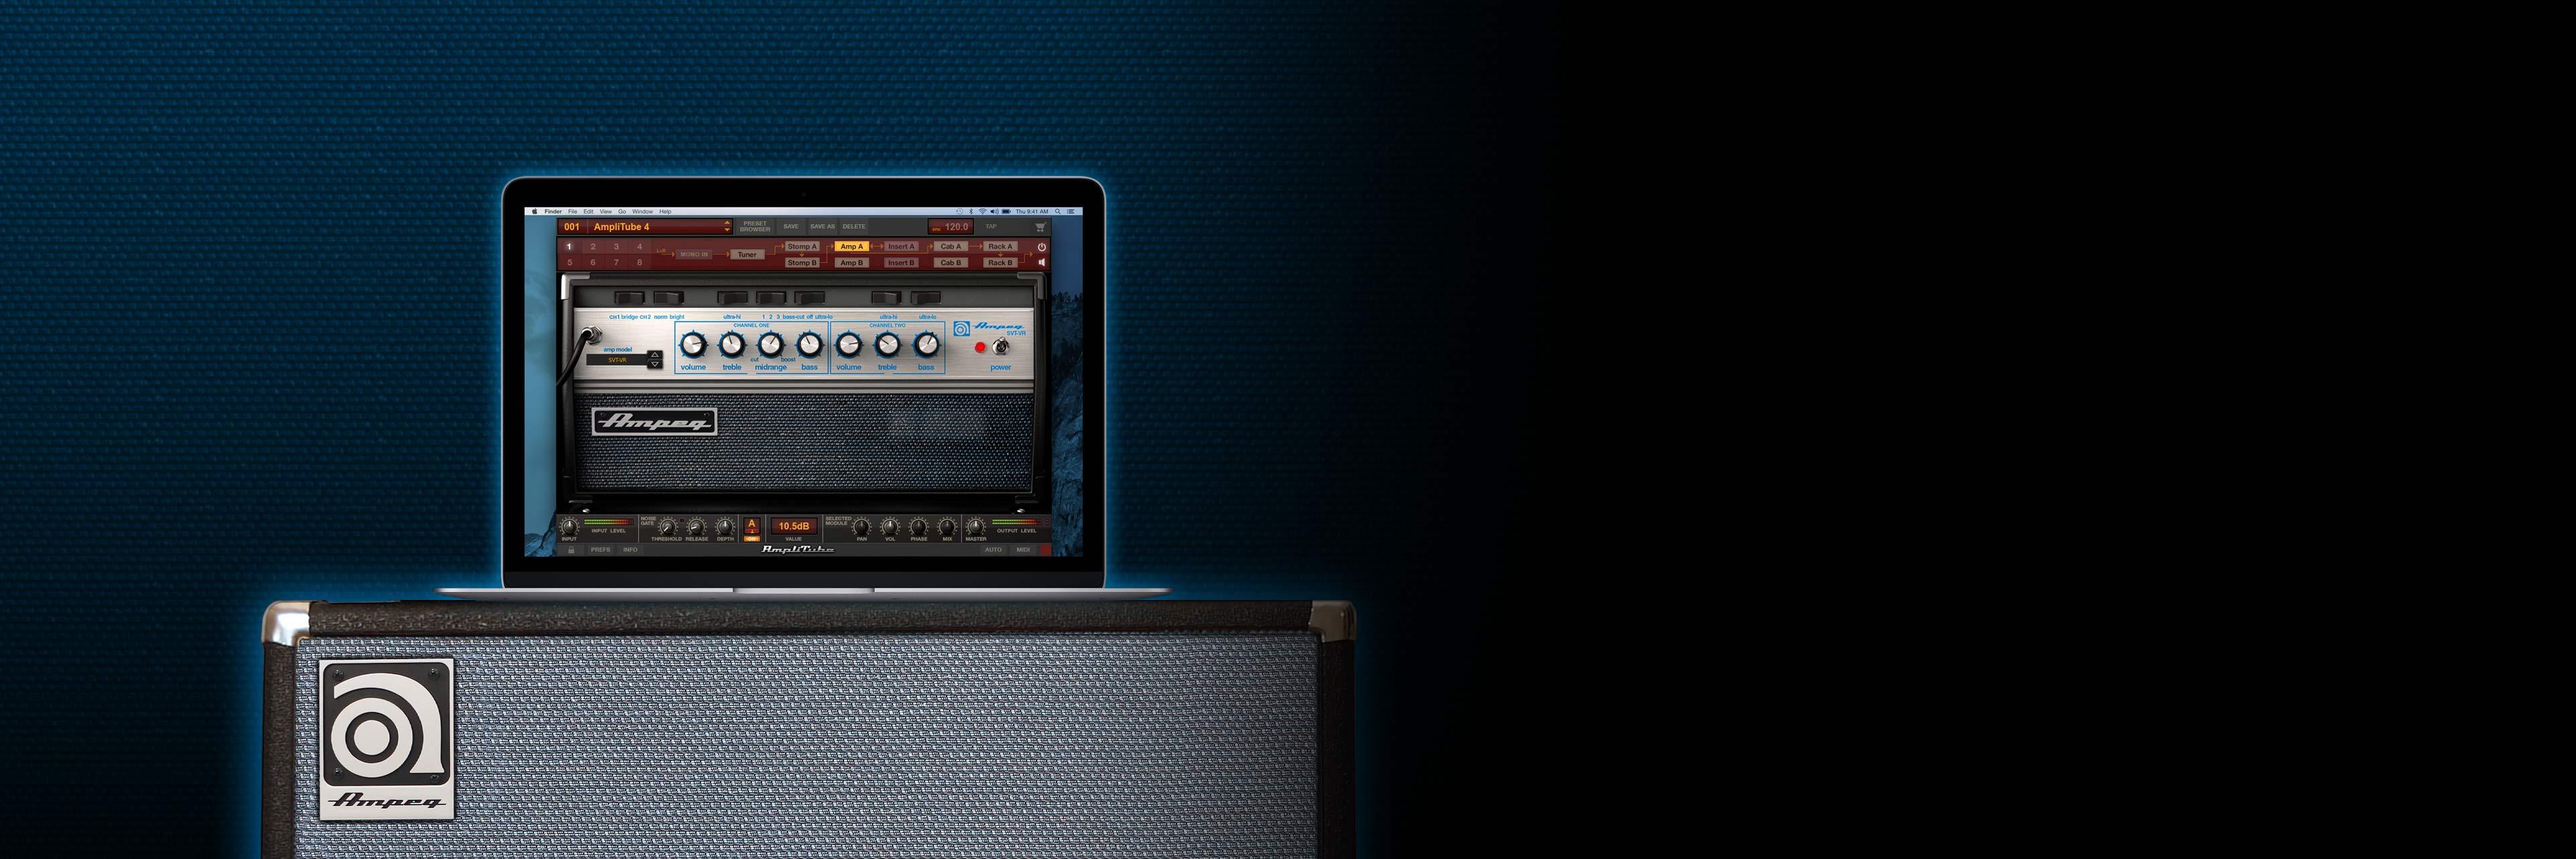 technics service manual for model sh dj1200 audio mixer